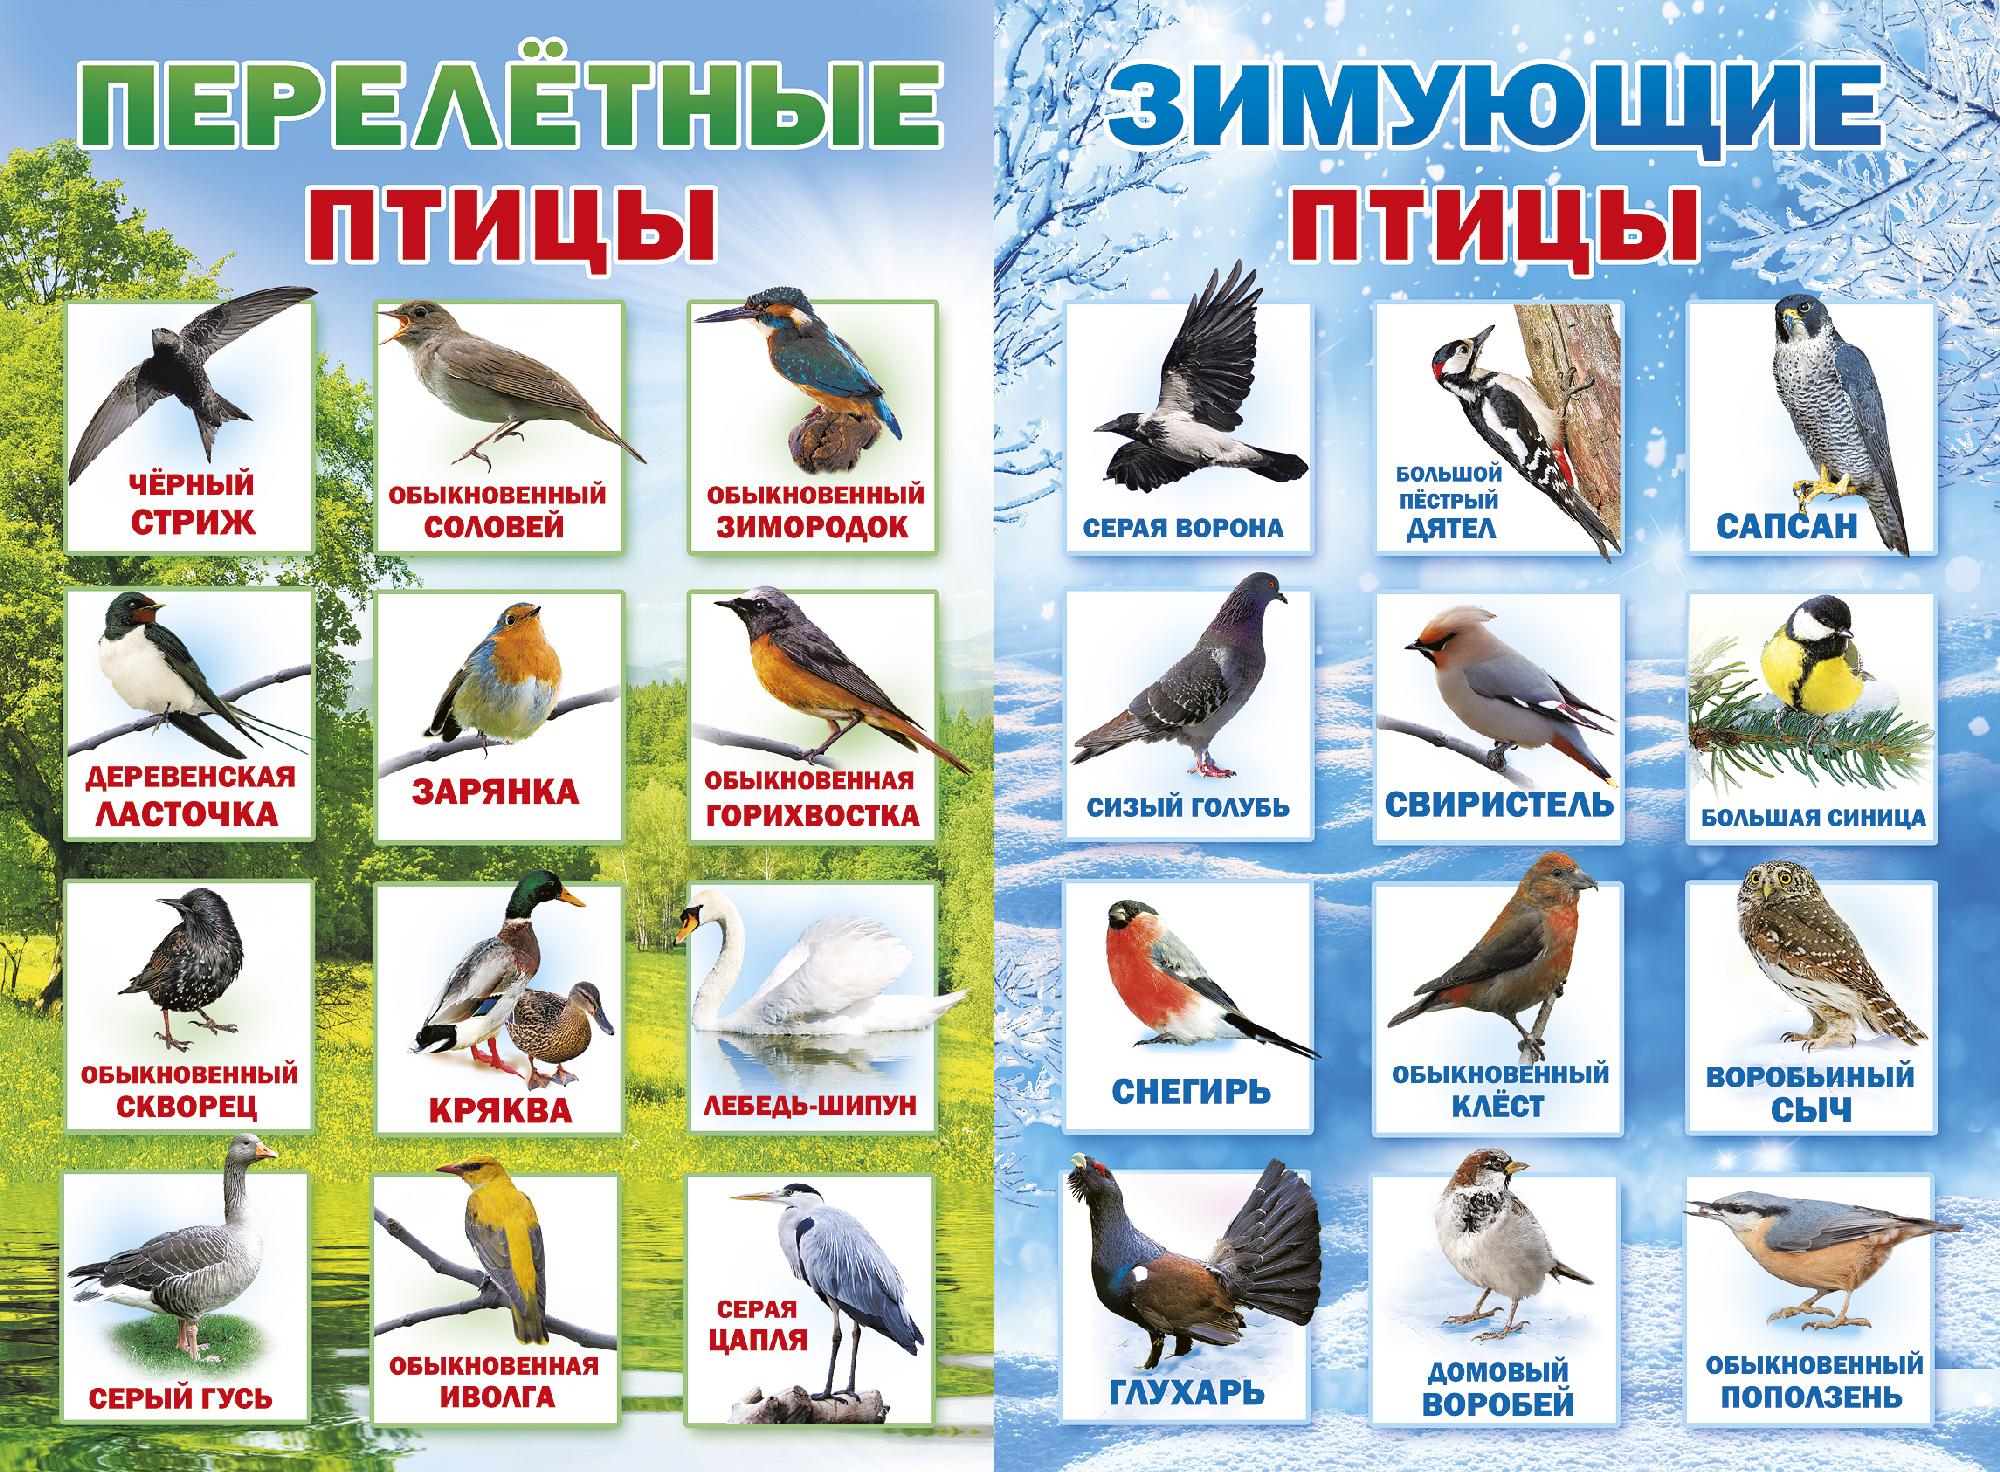 предлагается птицы зимующие в ярославской области фото с названиями необычный мир, потому